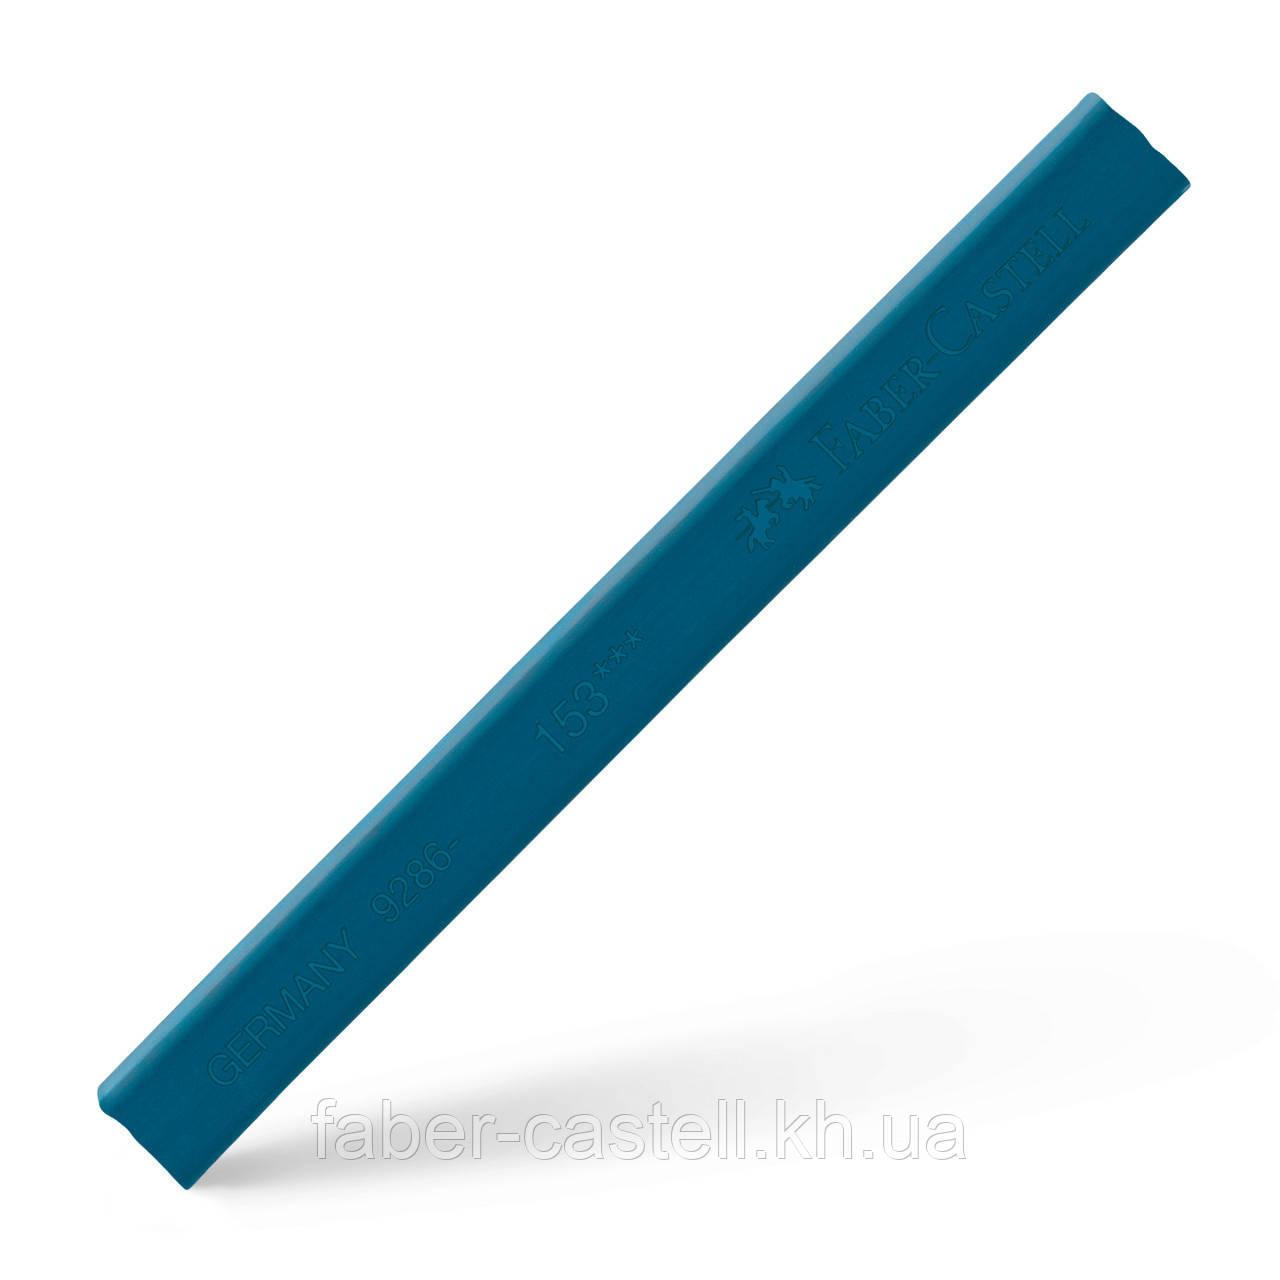 Пастель сухая / мелок Faber-Castell POLYCHROMOS цвет кобальтовая бирюза №153 (cobalt turquoise), 128653